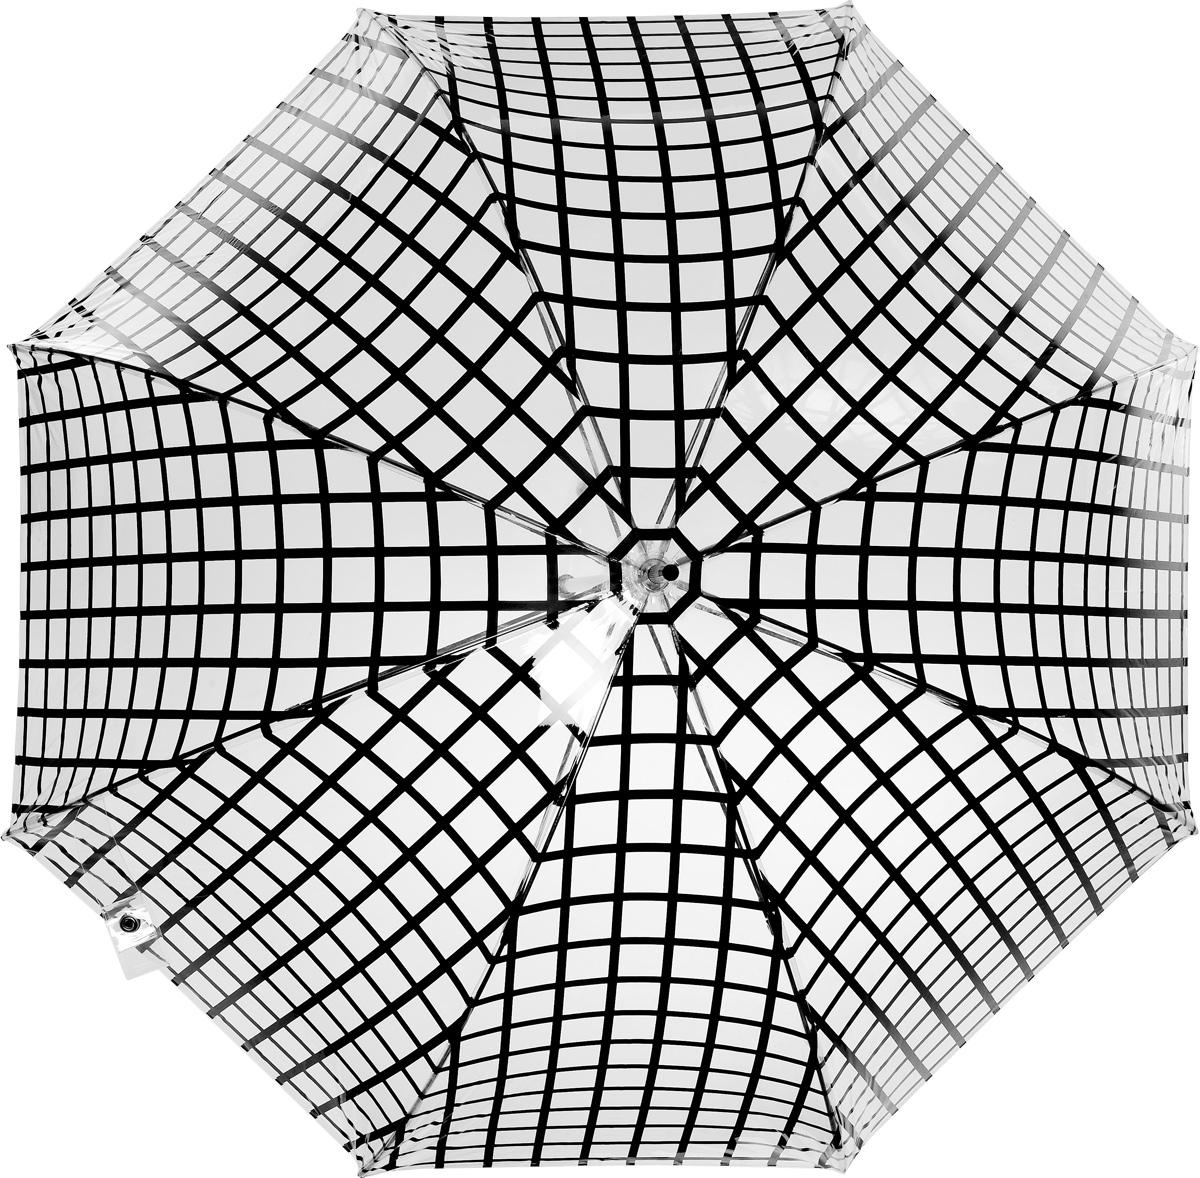 Зонт-трость женский Vogue, цвет: прозрачный, черный. 107V/1-645100032/35449/3537AСтильный зонт-трость испанского производителя Vogue оснащен каркасом с противоветровым эффектом.Каркас зонта включает 8 спиц. Стержень изготовлен из стали, купол выполнен из прочного полиэстера.Зонт оснащен автоматическим механизмом: купол открывается нажатием на кнопку около ручки и закрывается с помощью нее же.Такой зонт не только надежно защитит вас от дождя, но и станет стильным аксессуаром, который идеально подчеркнет ваш неповторимый образ. Рекомендации по использованию: Мокрый зонт нельзя оставлять сложенным. Зонт после использования рекомендуется сушить в полураскрытом виде вдали от нагревательных приборов. Чистить зонт рекомендуется губкой, используя мягкие нещелочные растворы.